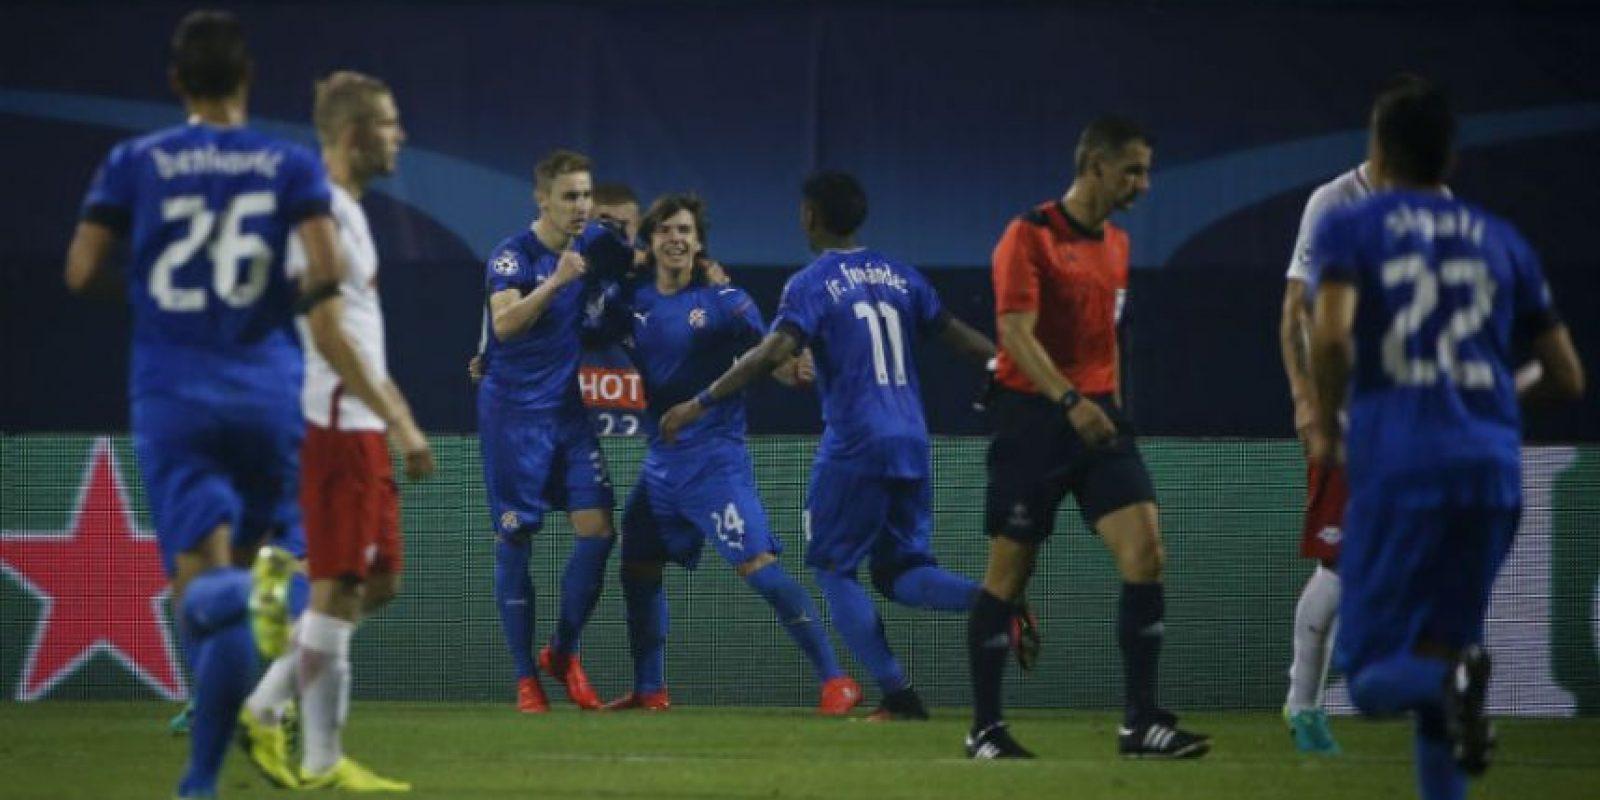 Los 7 clubes que parten como víctimas en la fase de grupos de la Champions League Foto:Getty Images